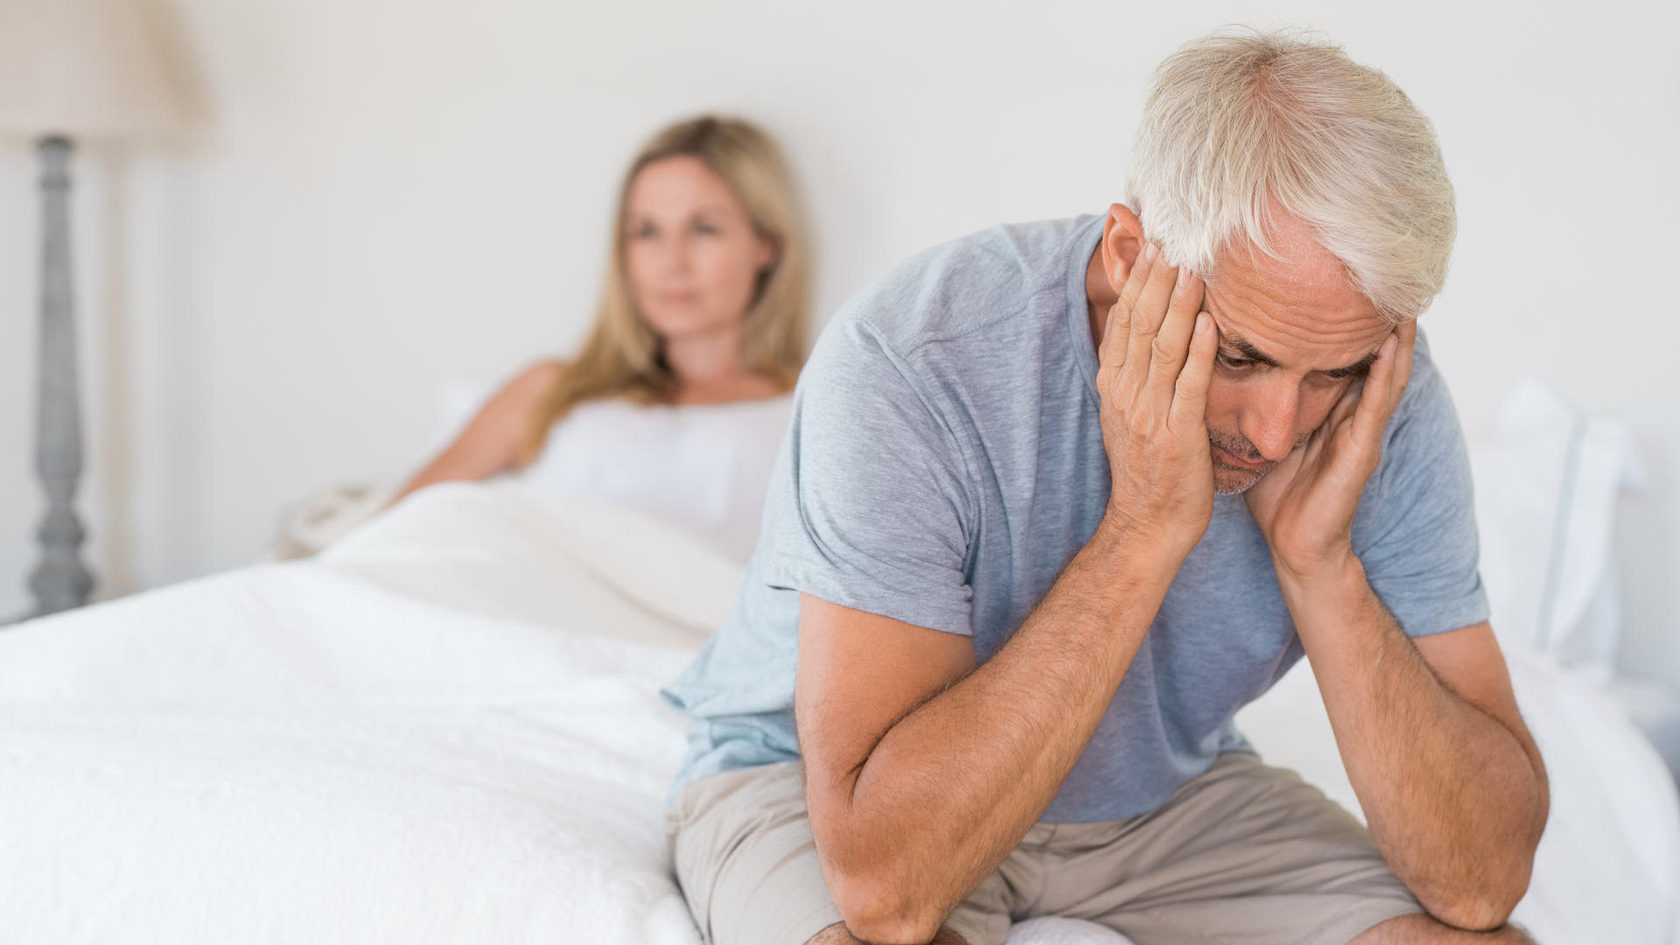 Фото на тему: Мужской климакс. Симптомы и лечение. Он правда существует?